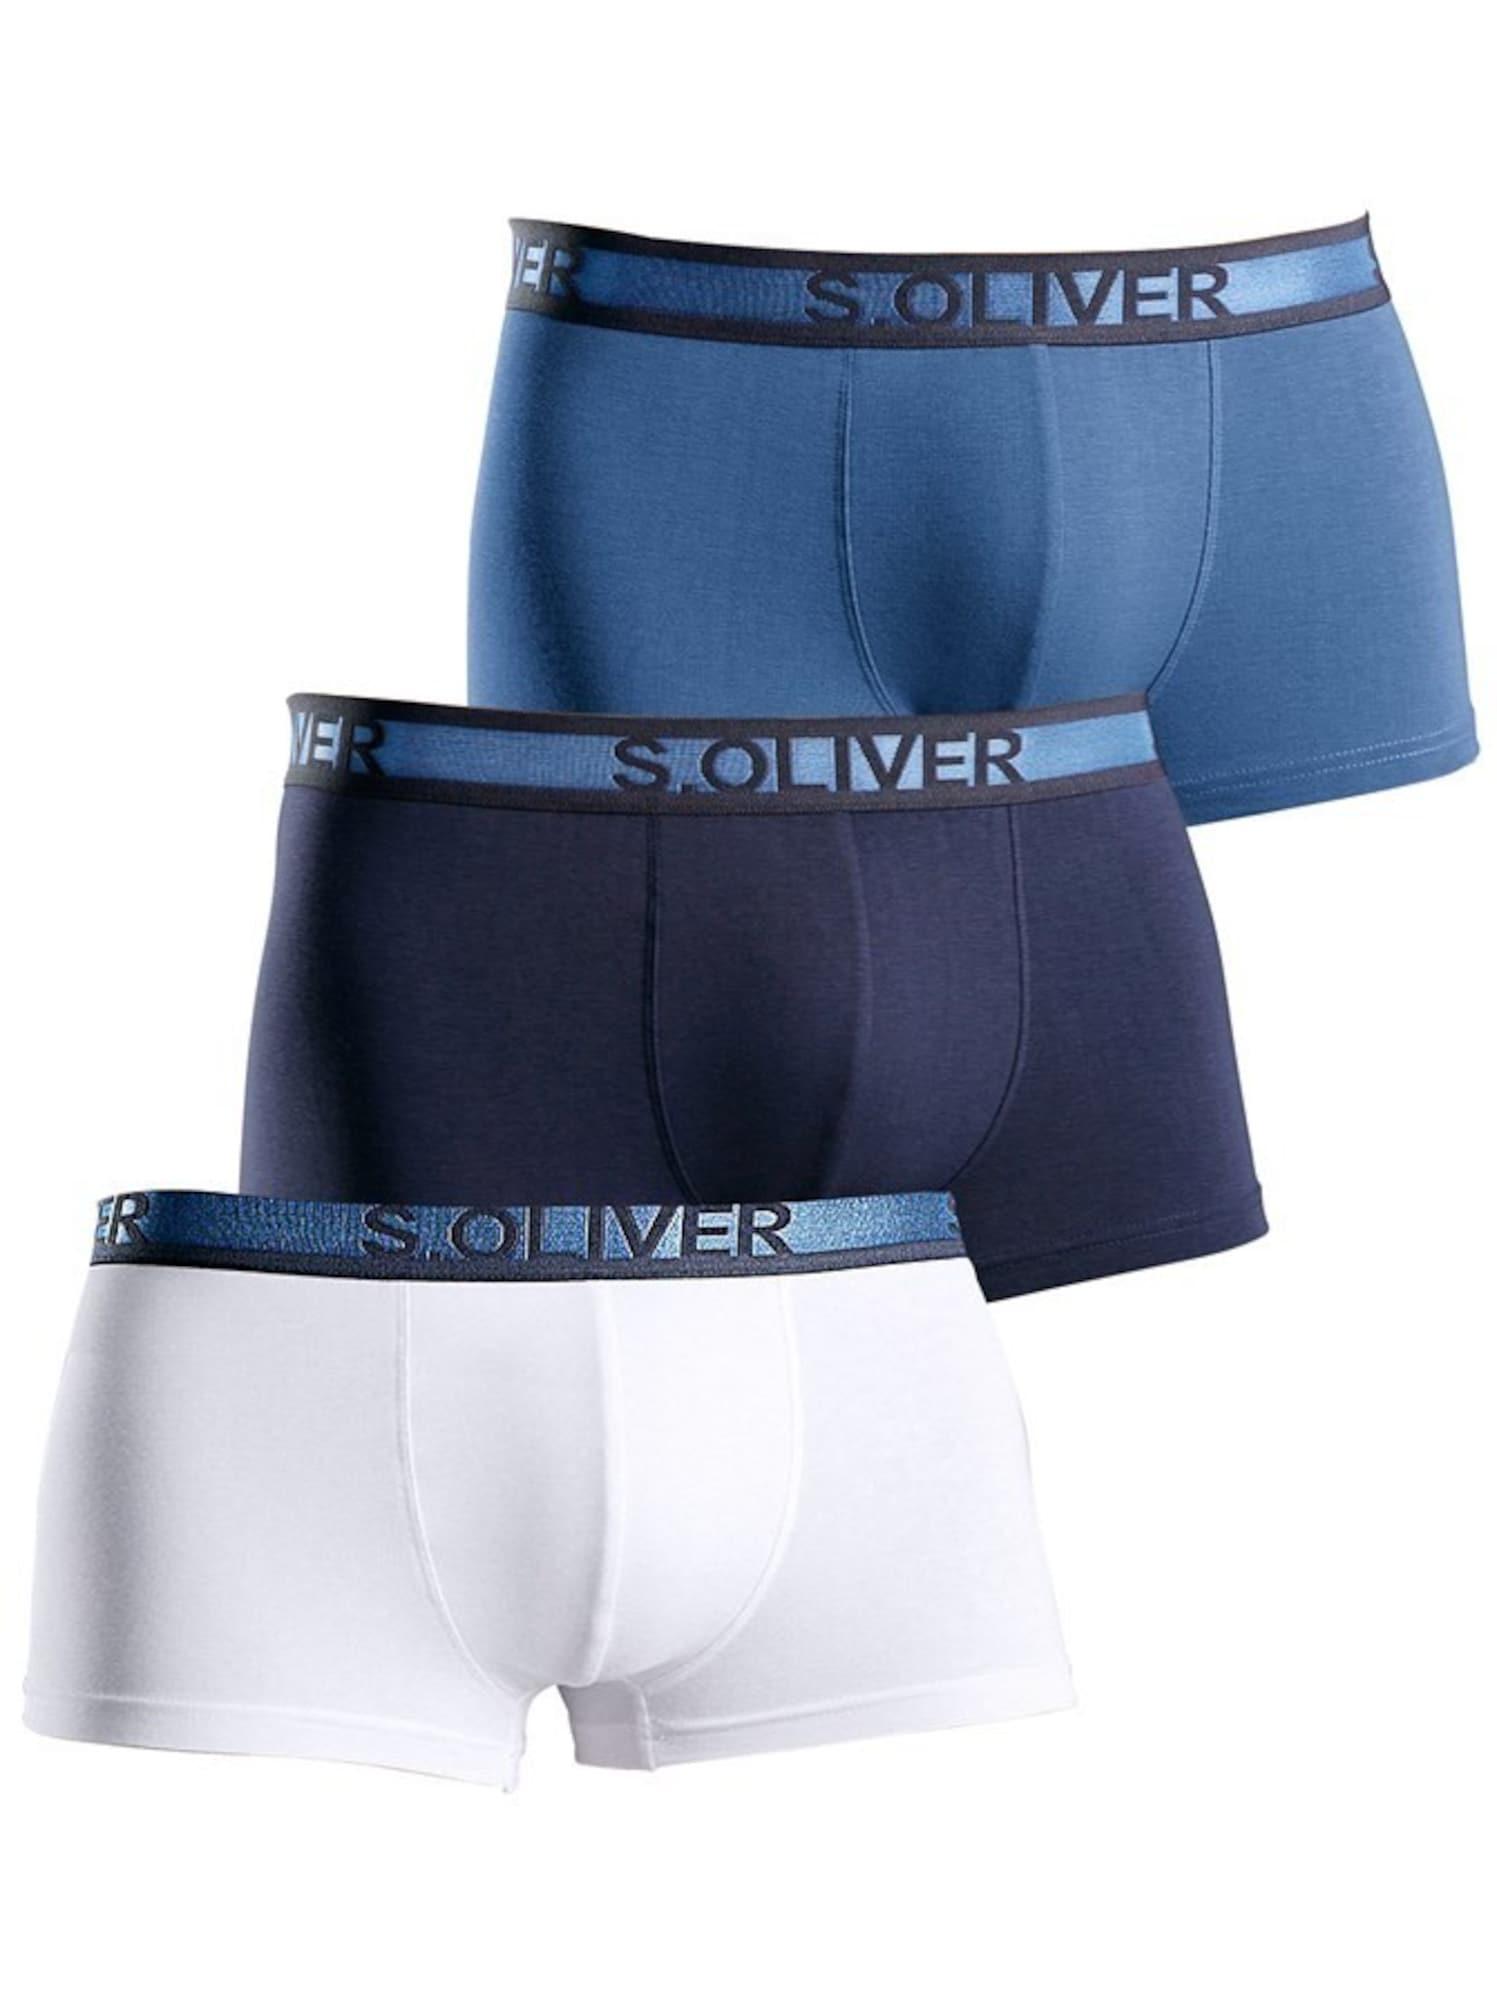 Boxerky marine modrá noční modrá bílá S.Oliver RED LABEL